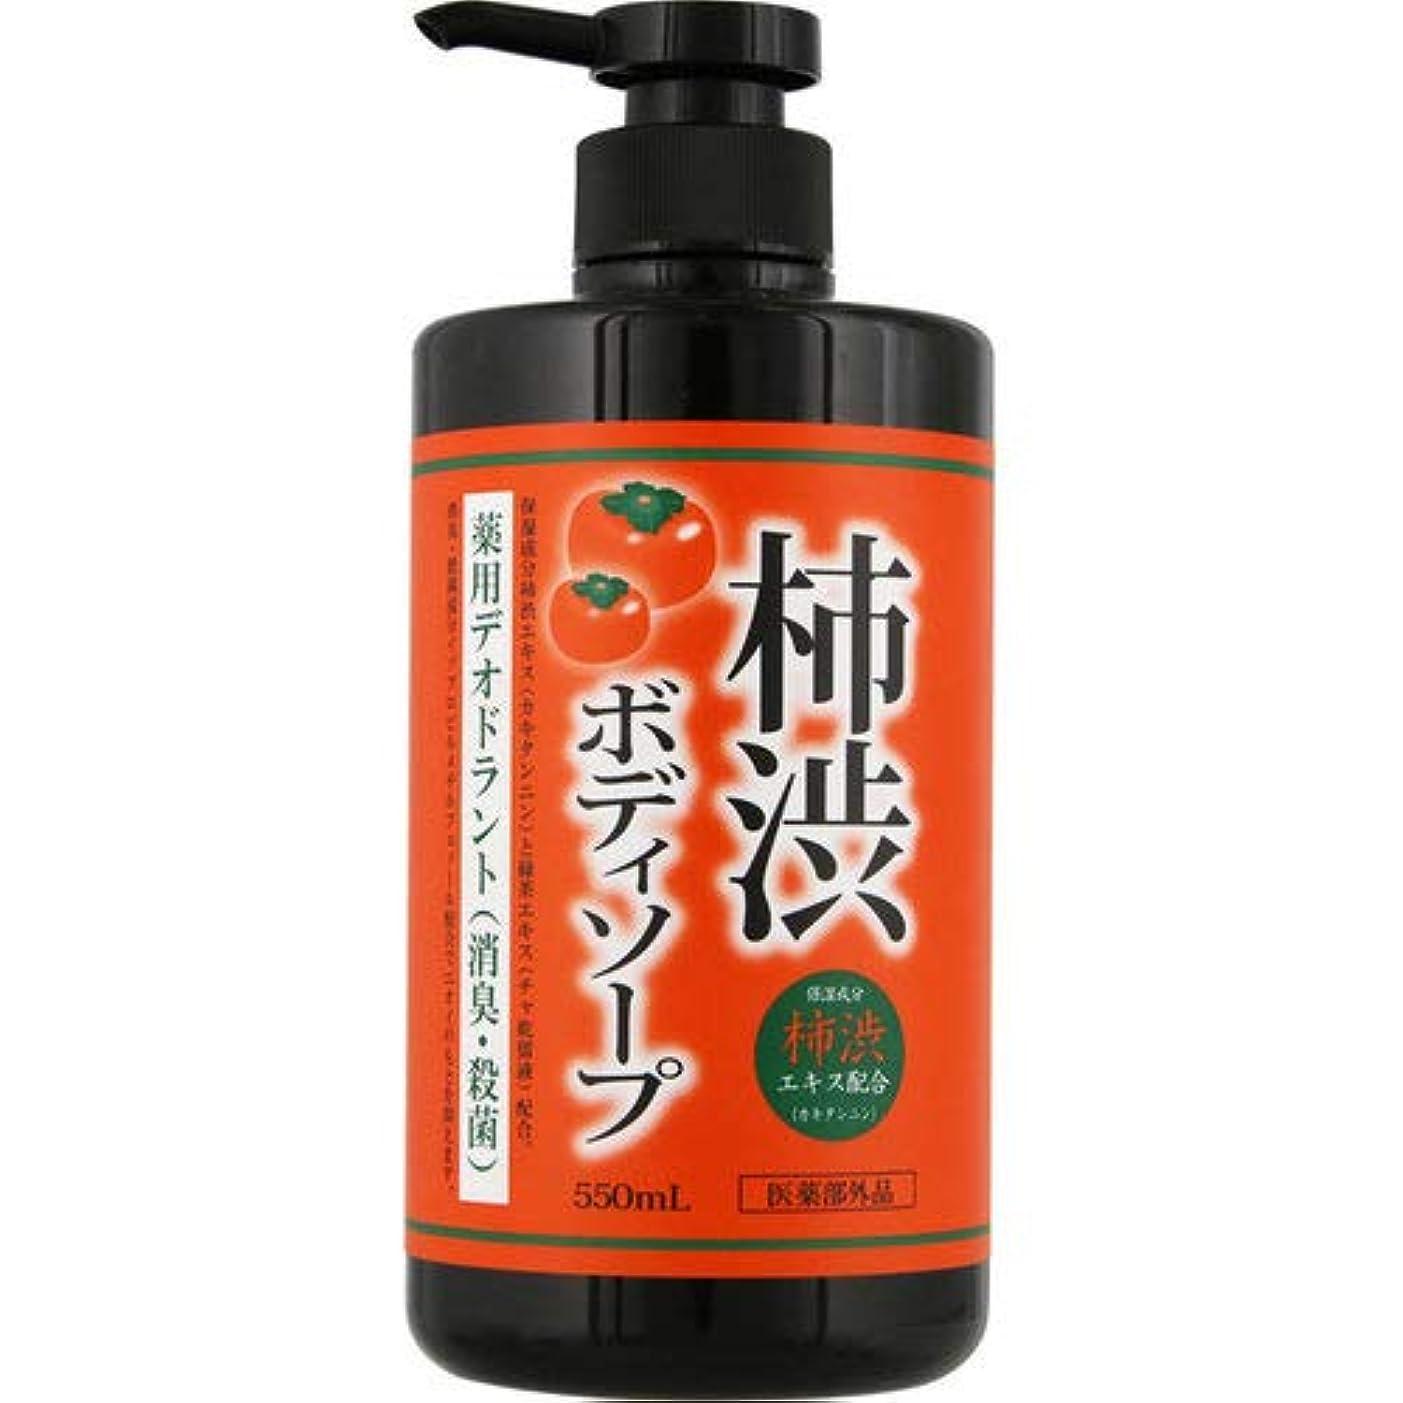 立ち向かう赤贅沢薬用 柿渋ボディソープ 550ml[医薬部外品]